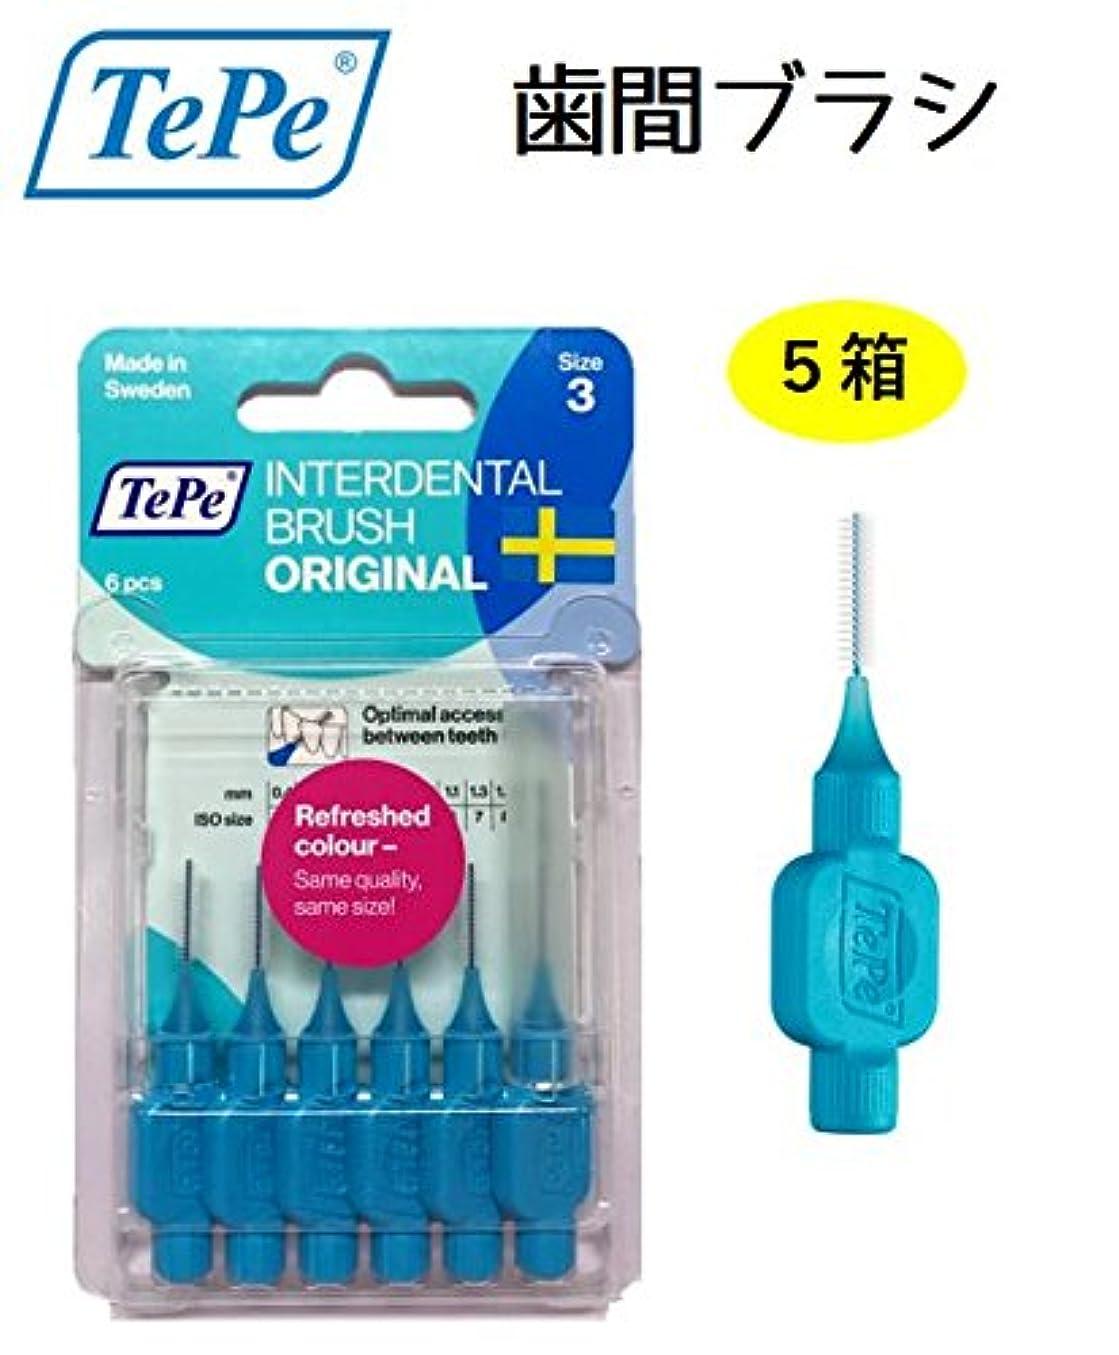 円形のアトミック臭いテペ 歯間プラシ 0.6mm ブリスターパック 5パック TePe IDブラシ